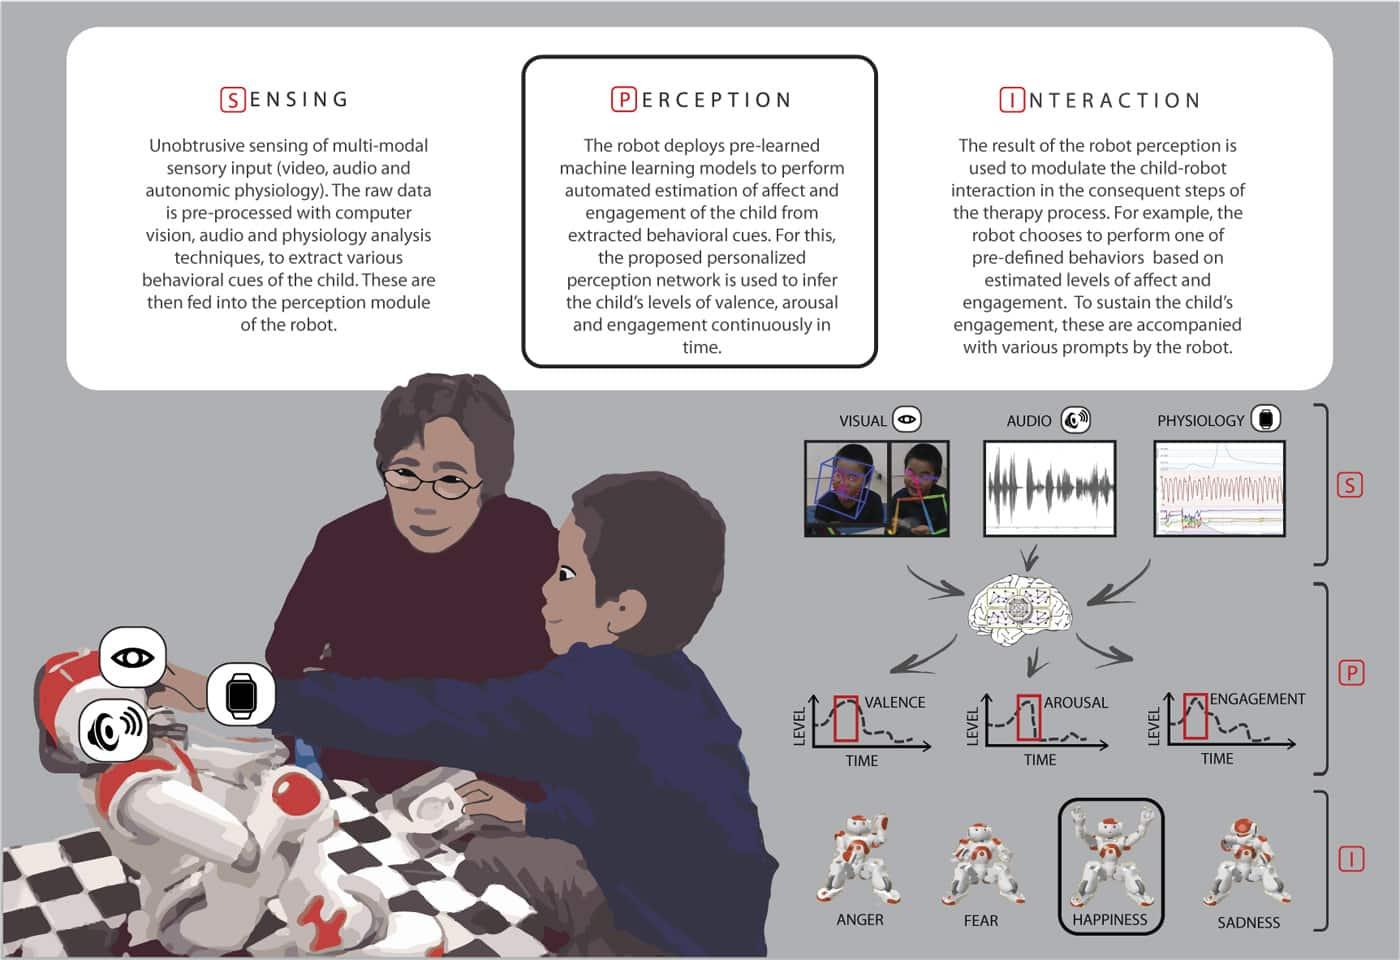 Машинное обучение поможет найти общий язык роботу и детям с аутизмом